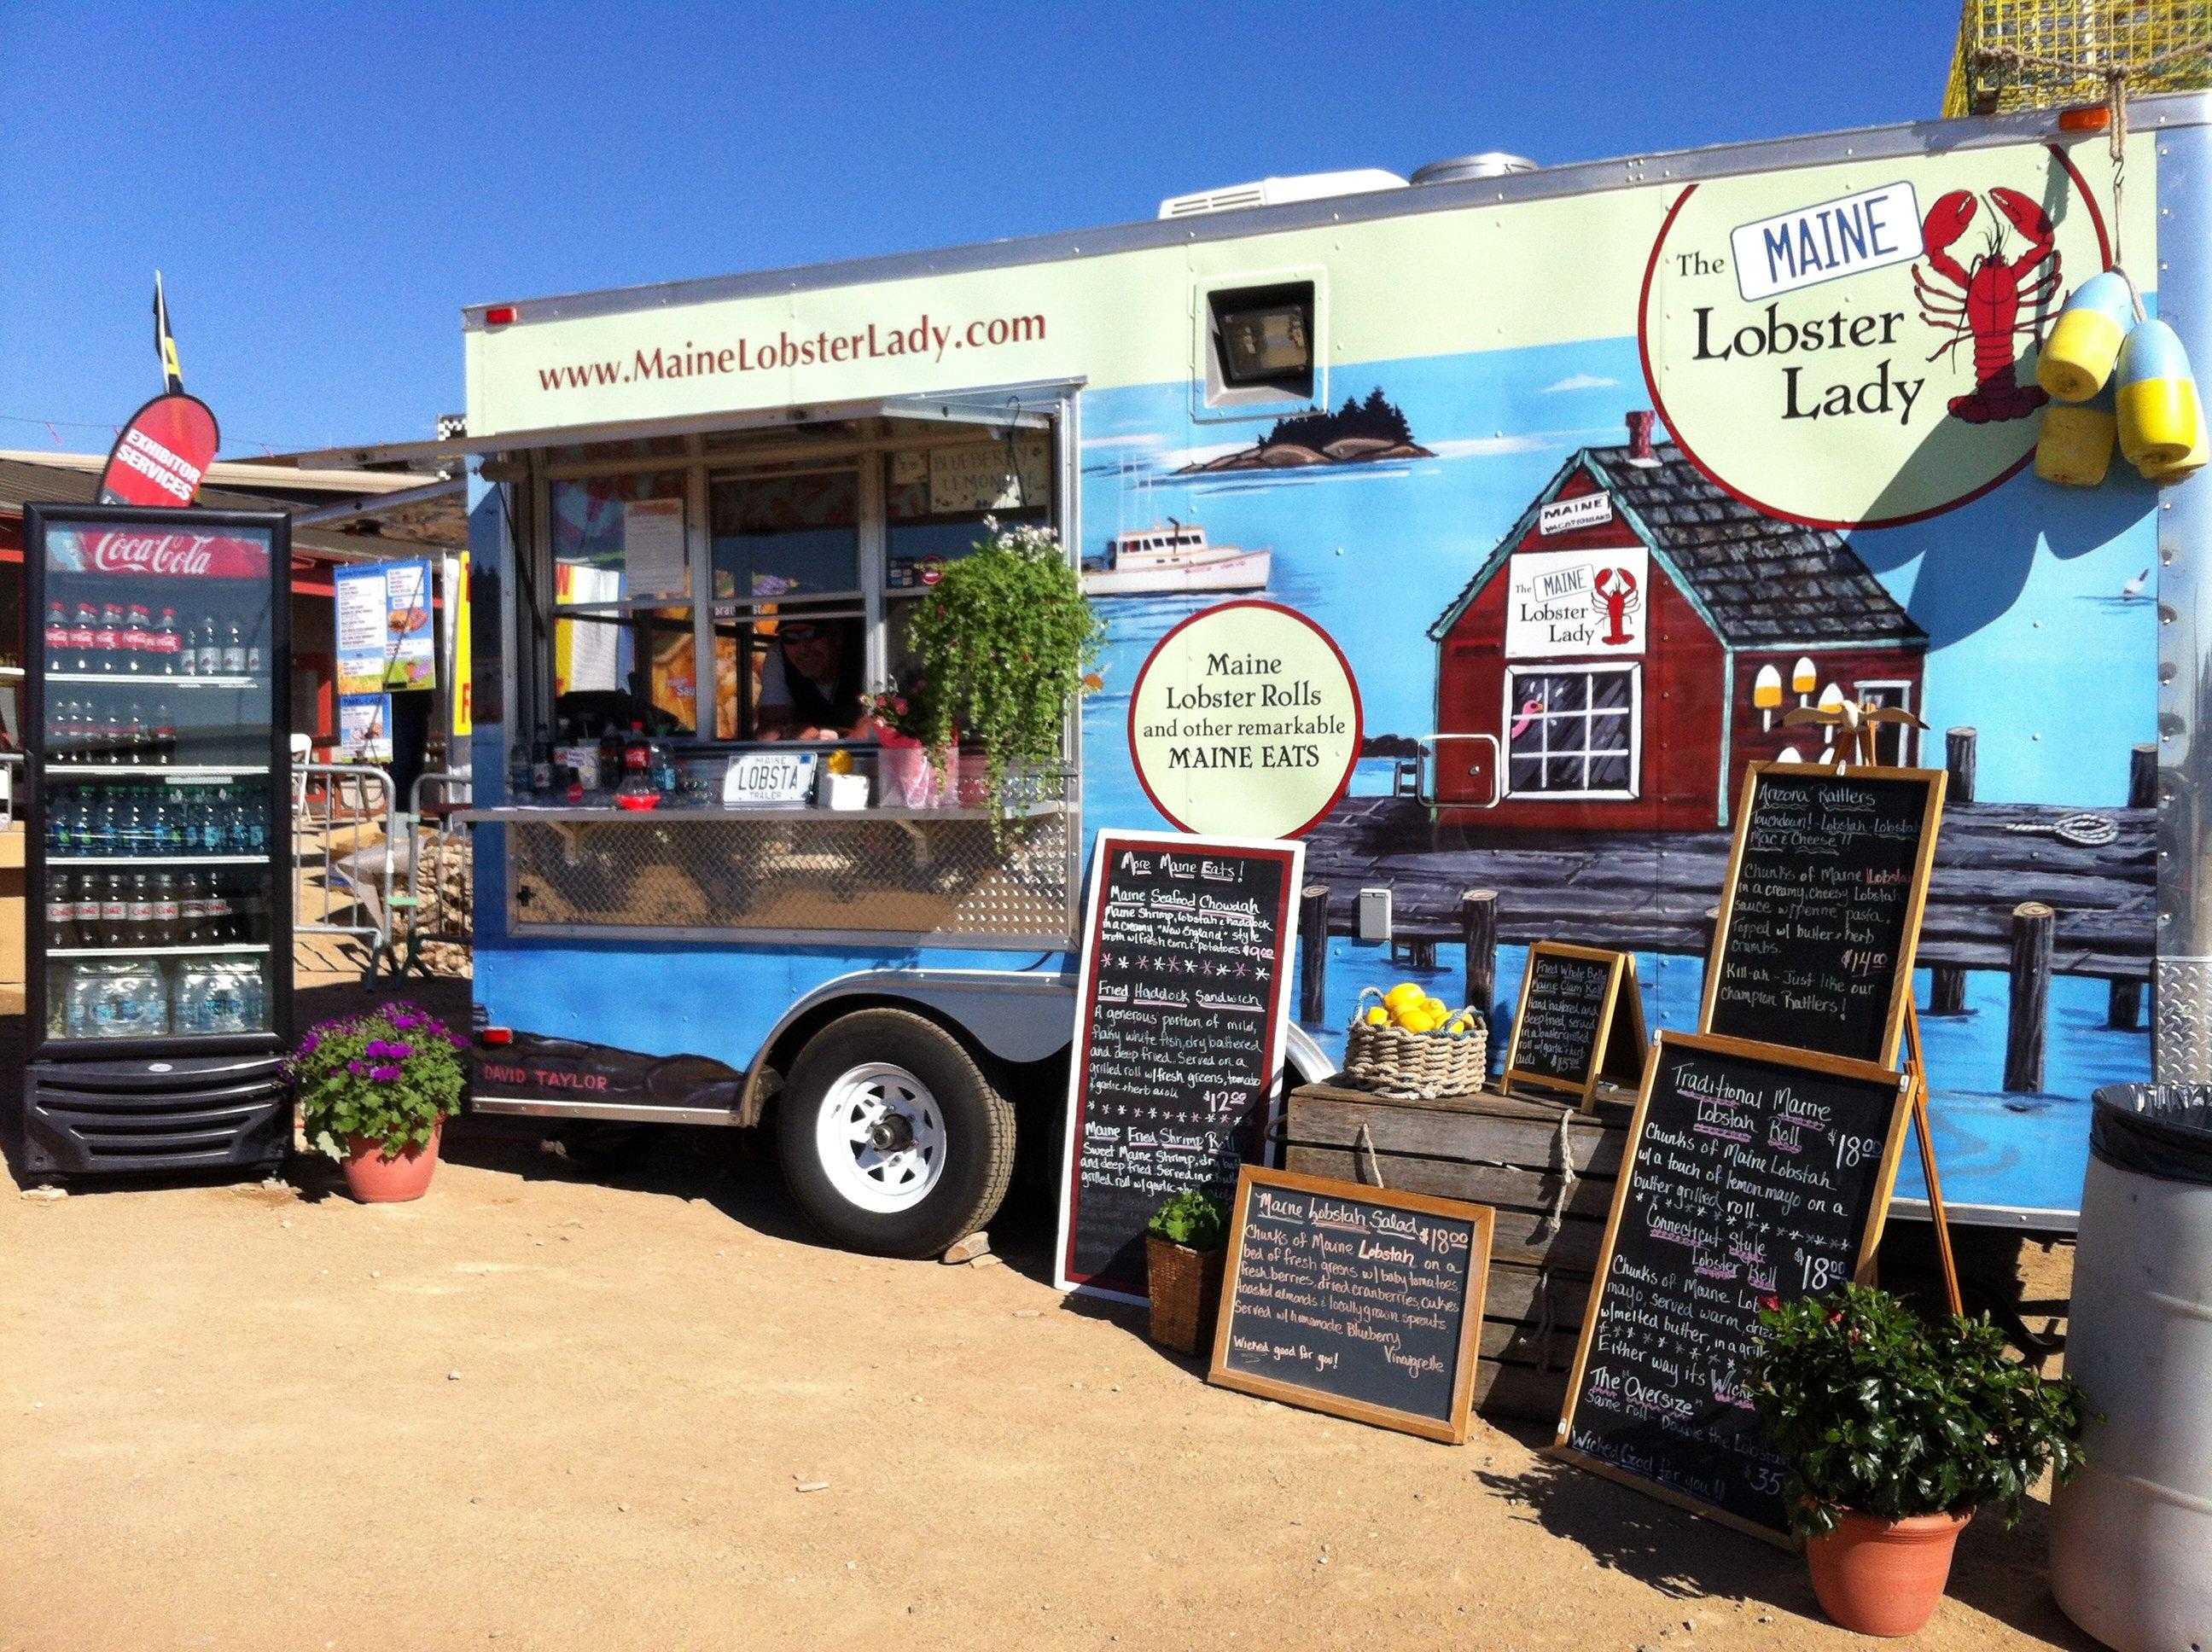 Trucks For Sale In Phoenix >> The Maine Lobster Lady | Food Trucks In Phoenix AZ